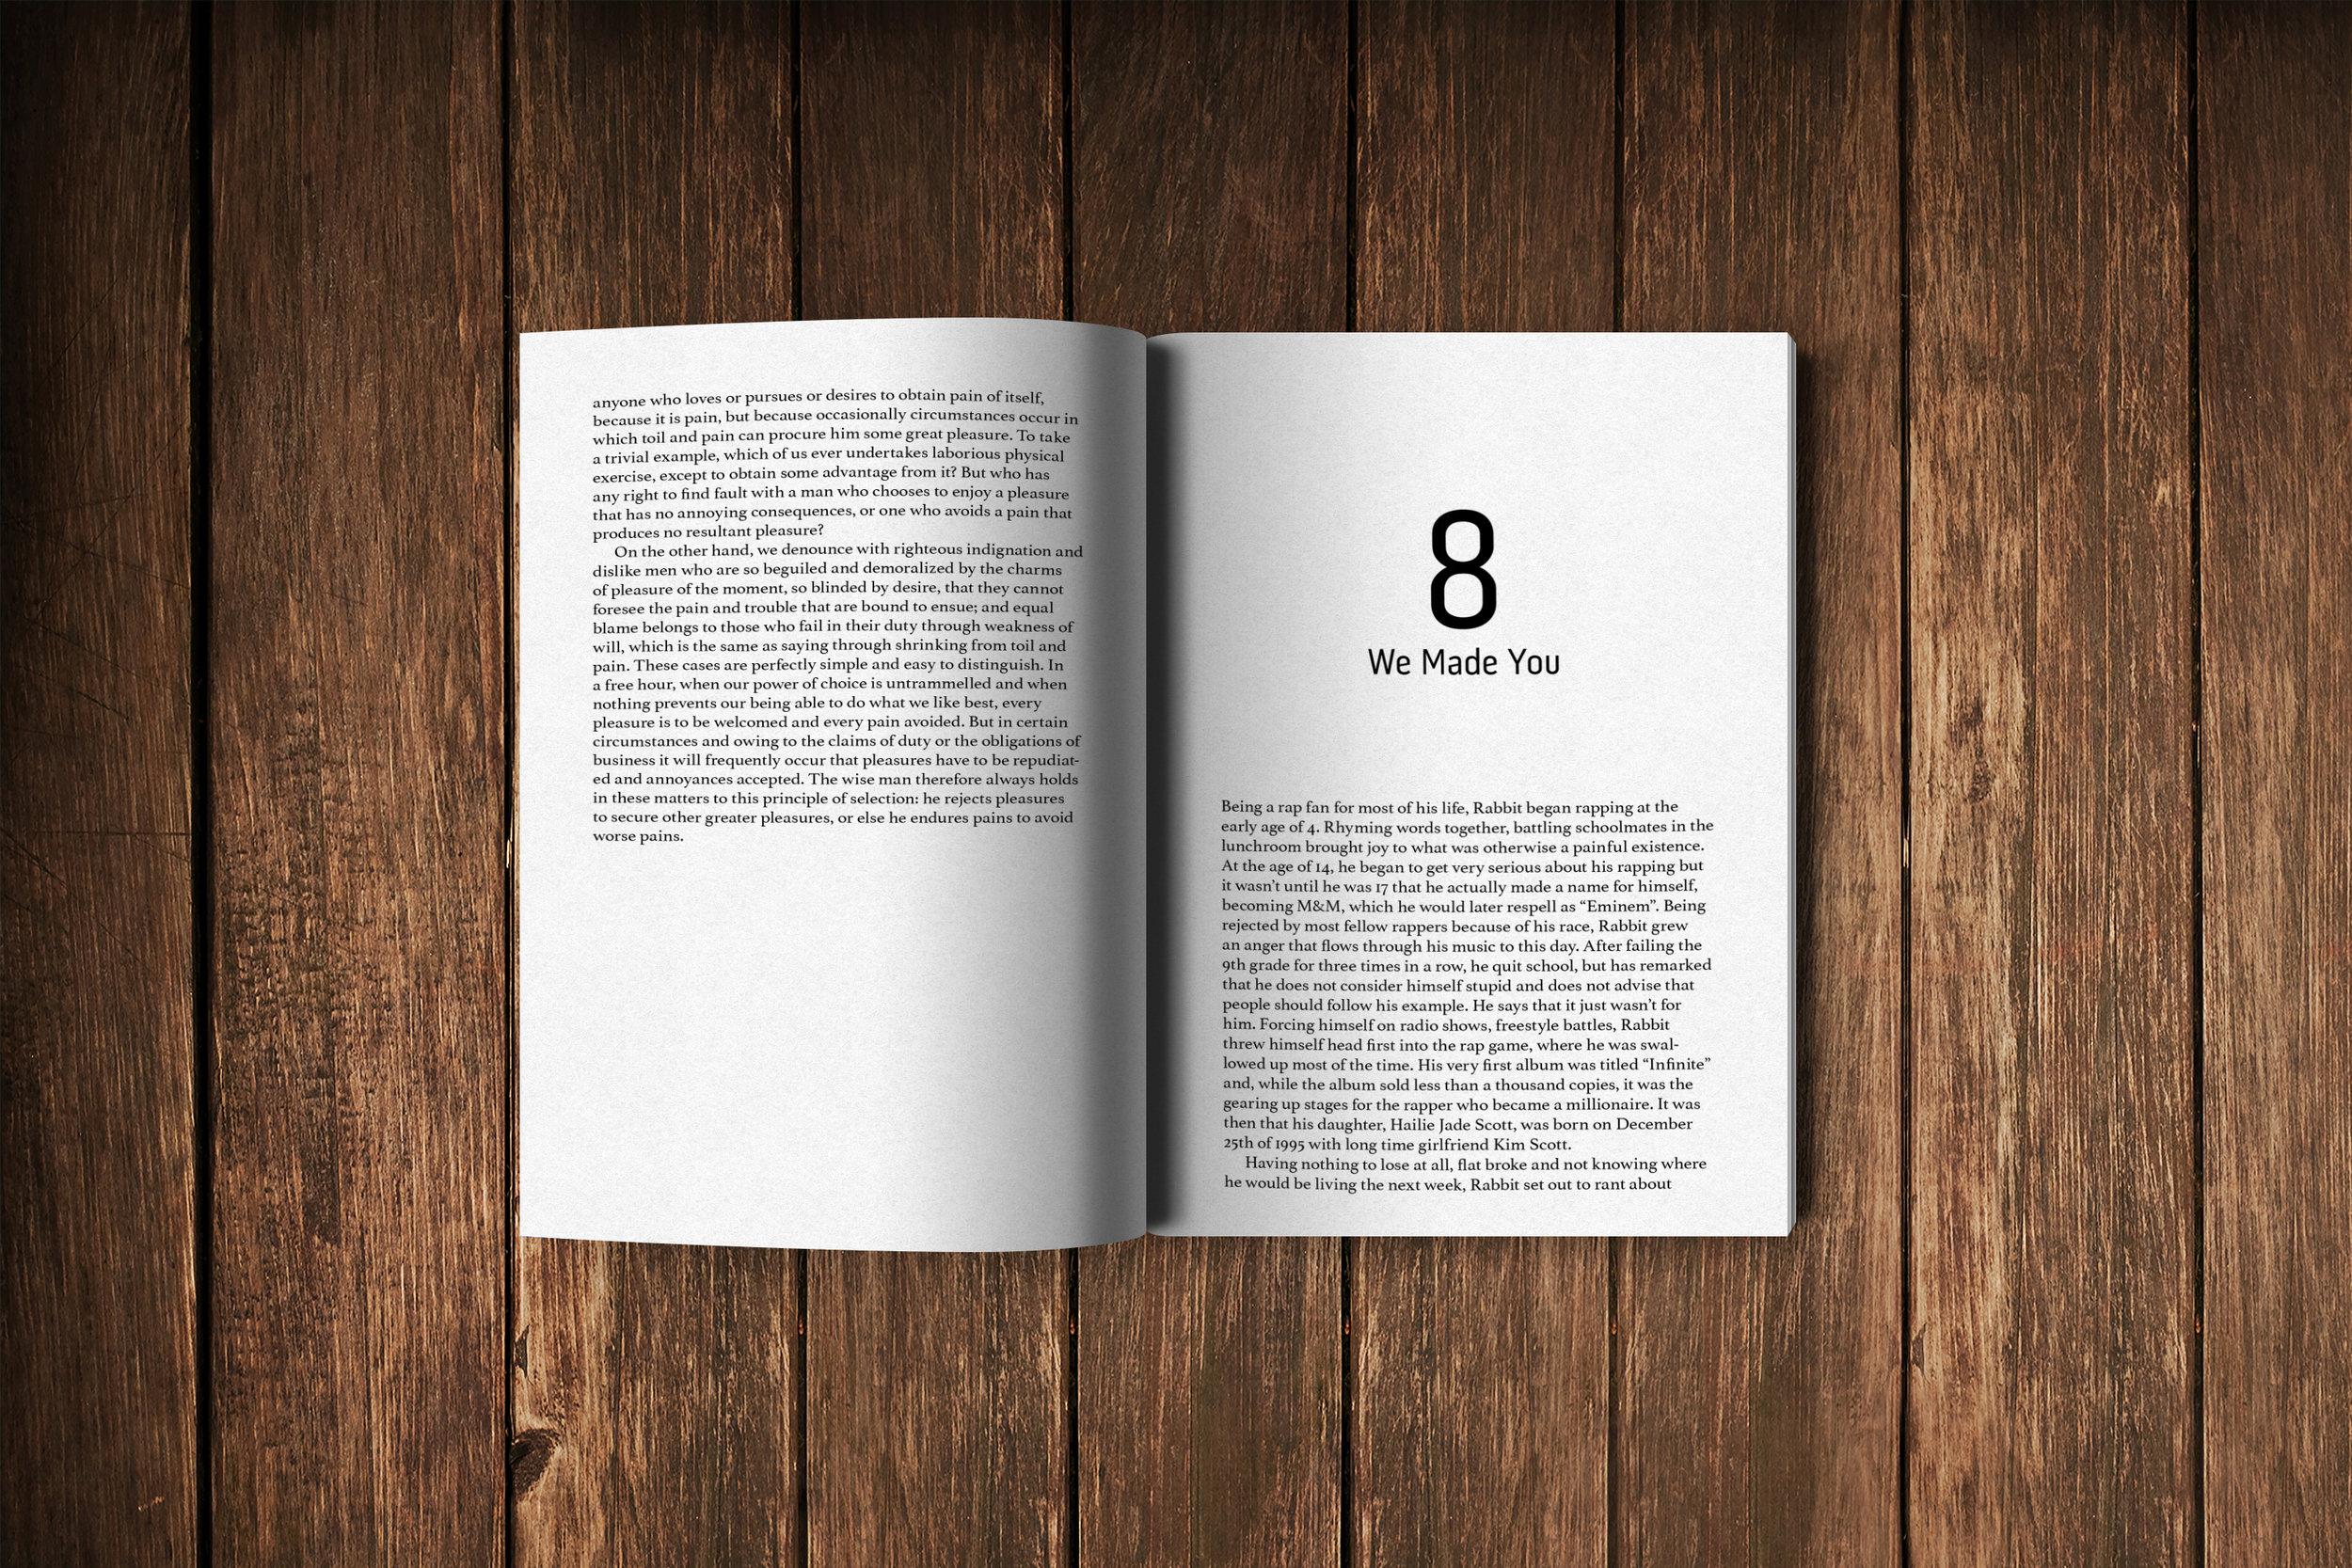 open_book_chapter.jpg